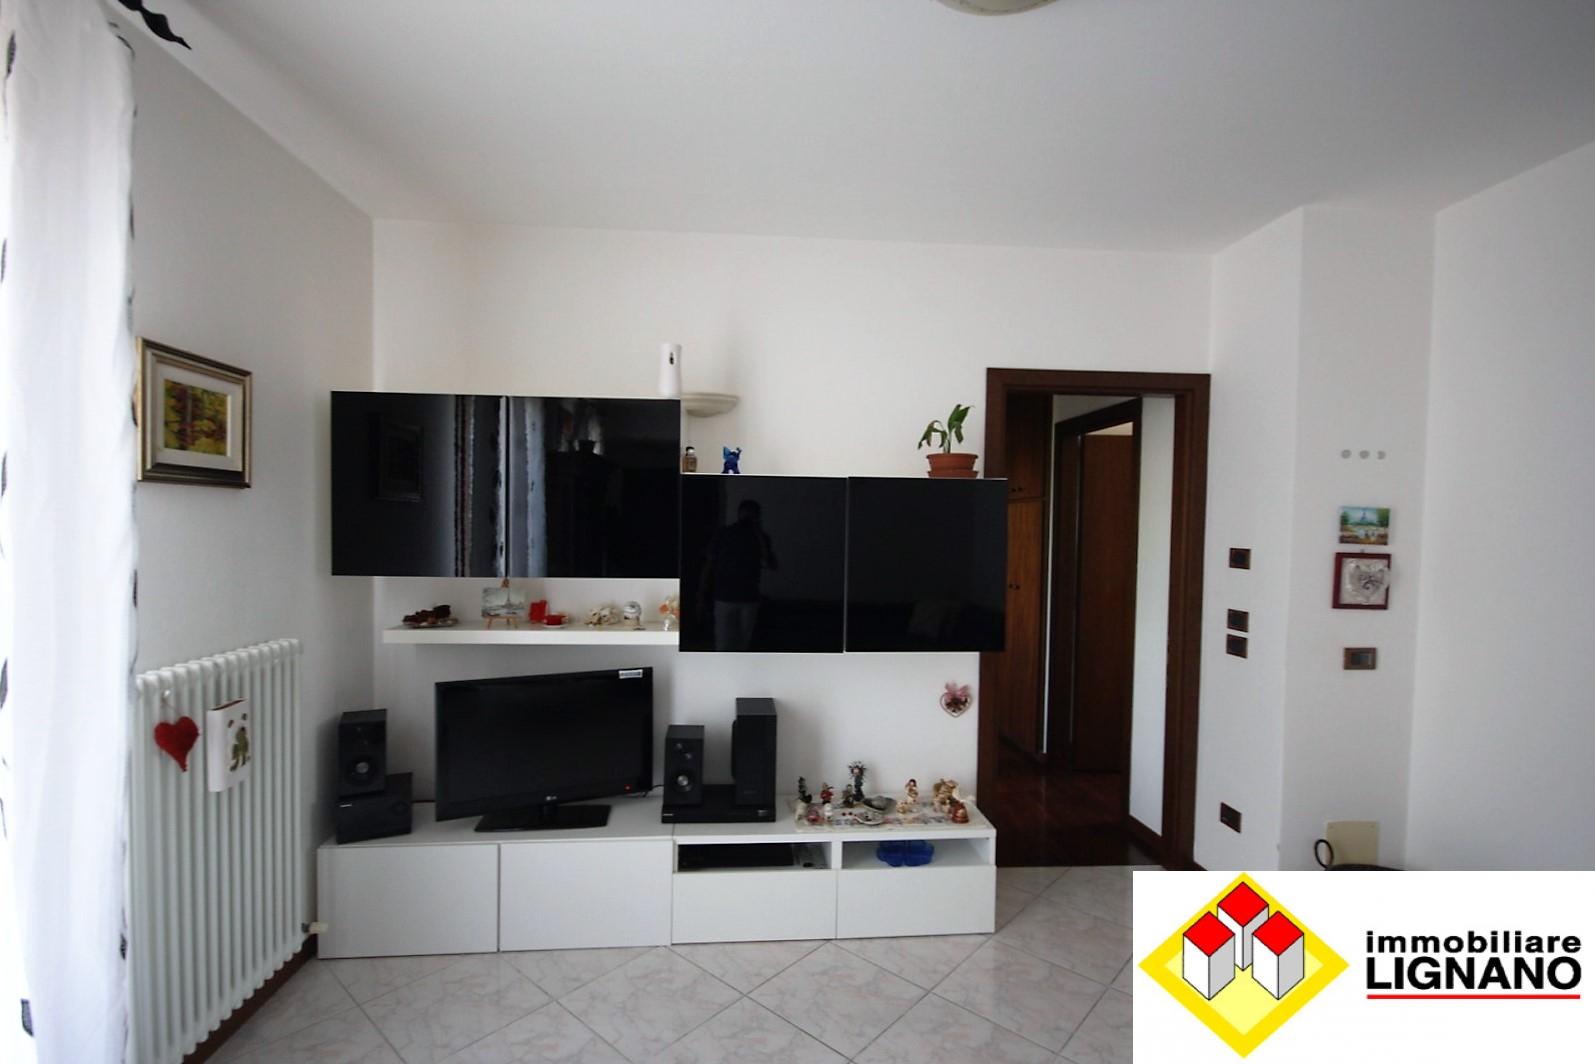 Appartamento in affitto a Latisana, 5 locali, prezzo € 550 | Cambio Casa.it